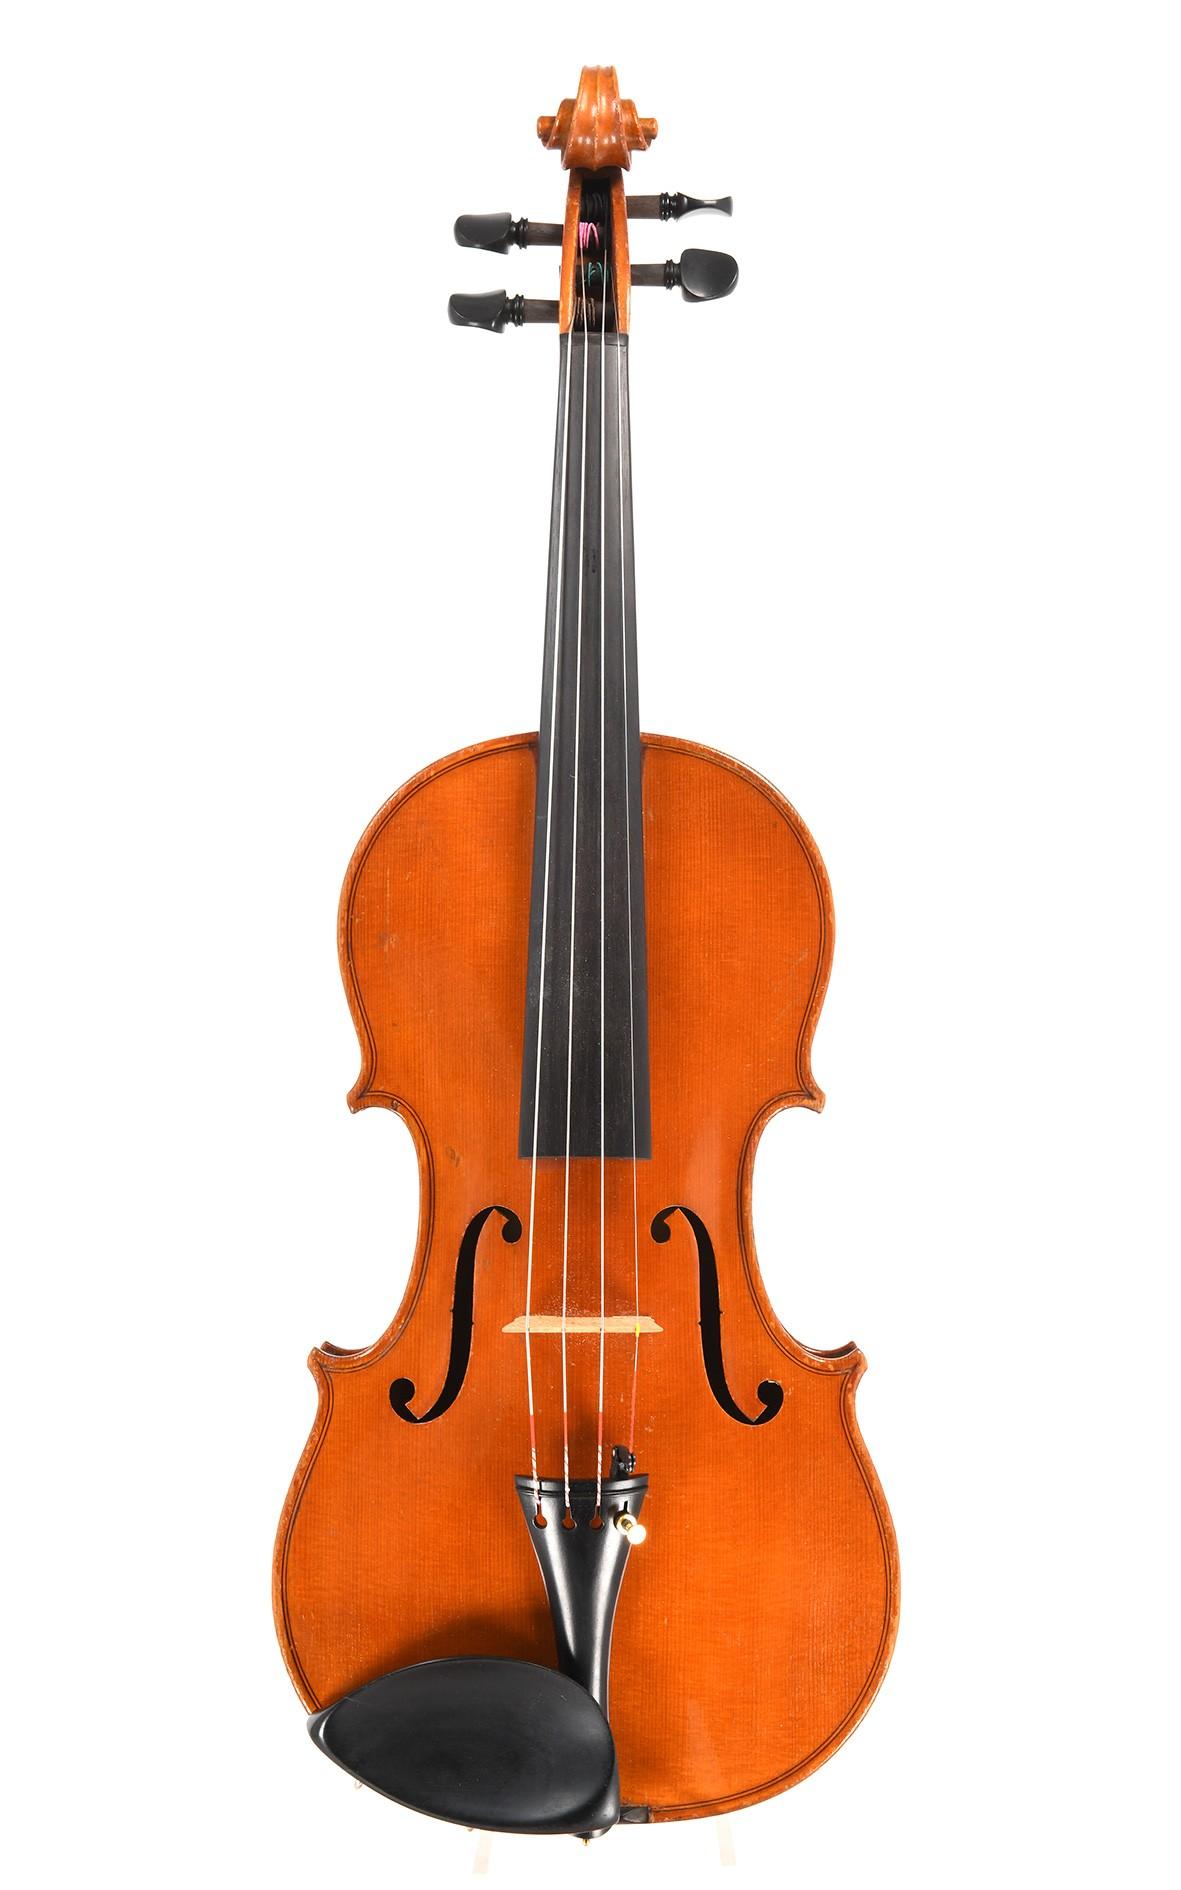 """Antike Böhmische Geige mit Etikett """"Accent fecit 1928"""""""